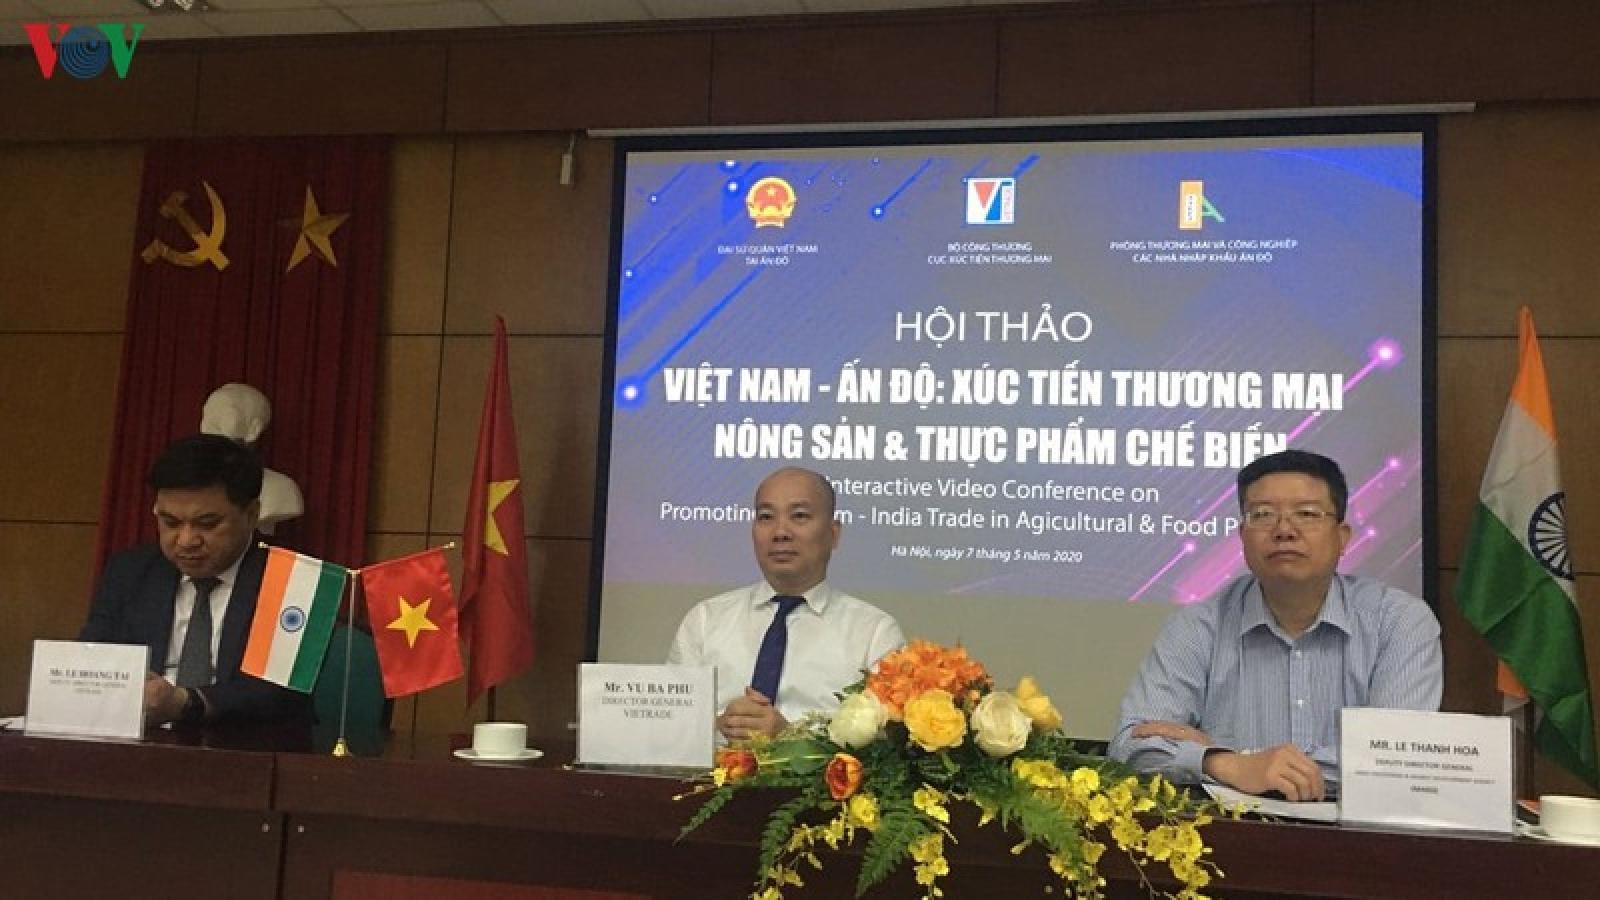 Ấn Độ - thị trường tiềm năng của nông sản Việt